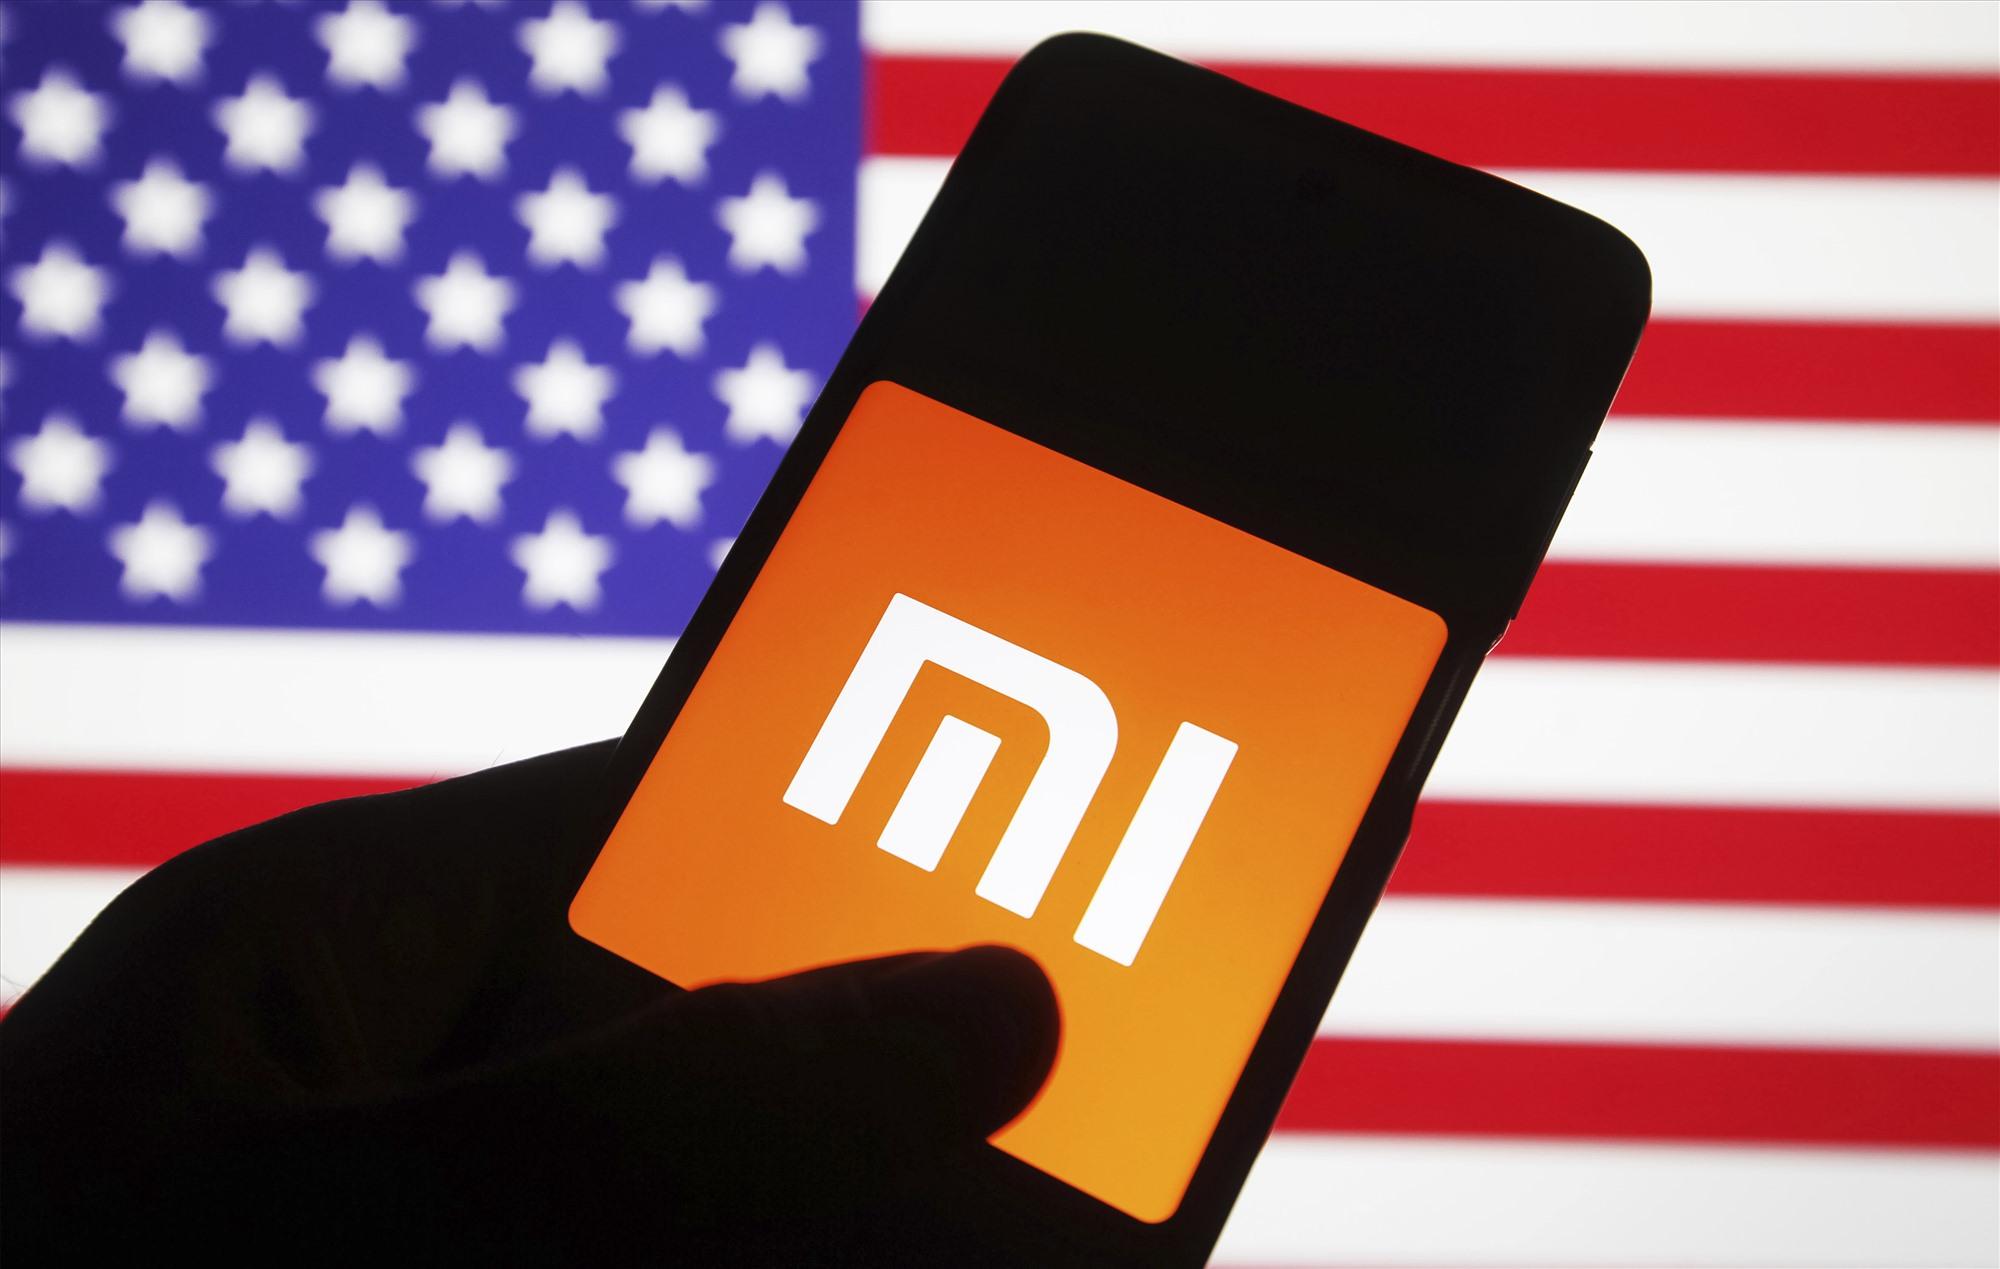 Xiaomi và chính phủ Mỹ sẽ đồng ý giải quyết các vụ kiện tụng đang diễn ra giữa hai bên. Ảnh: AP